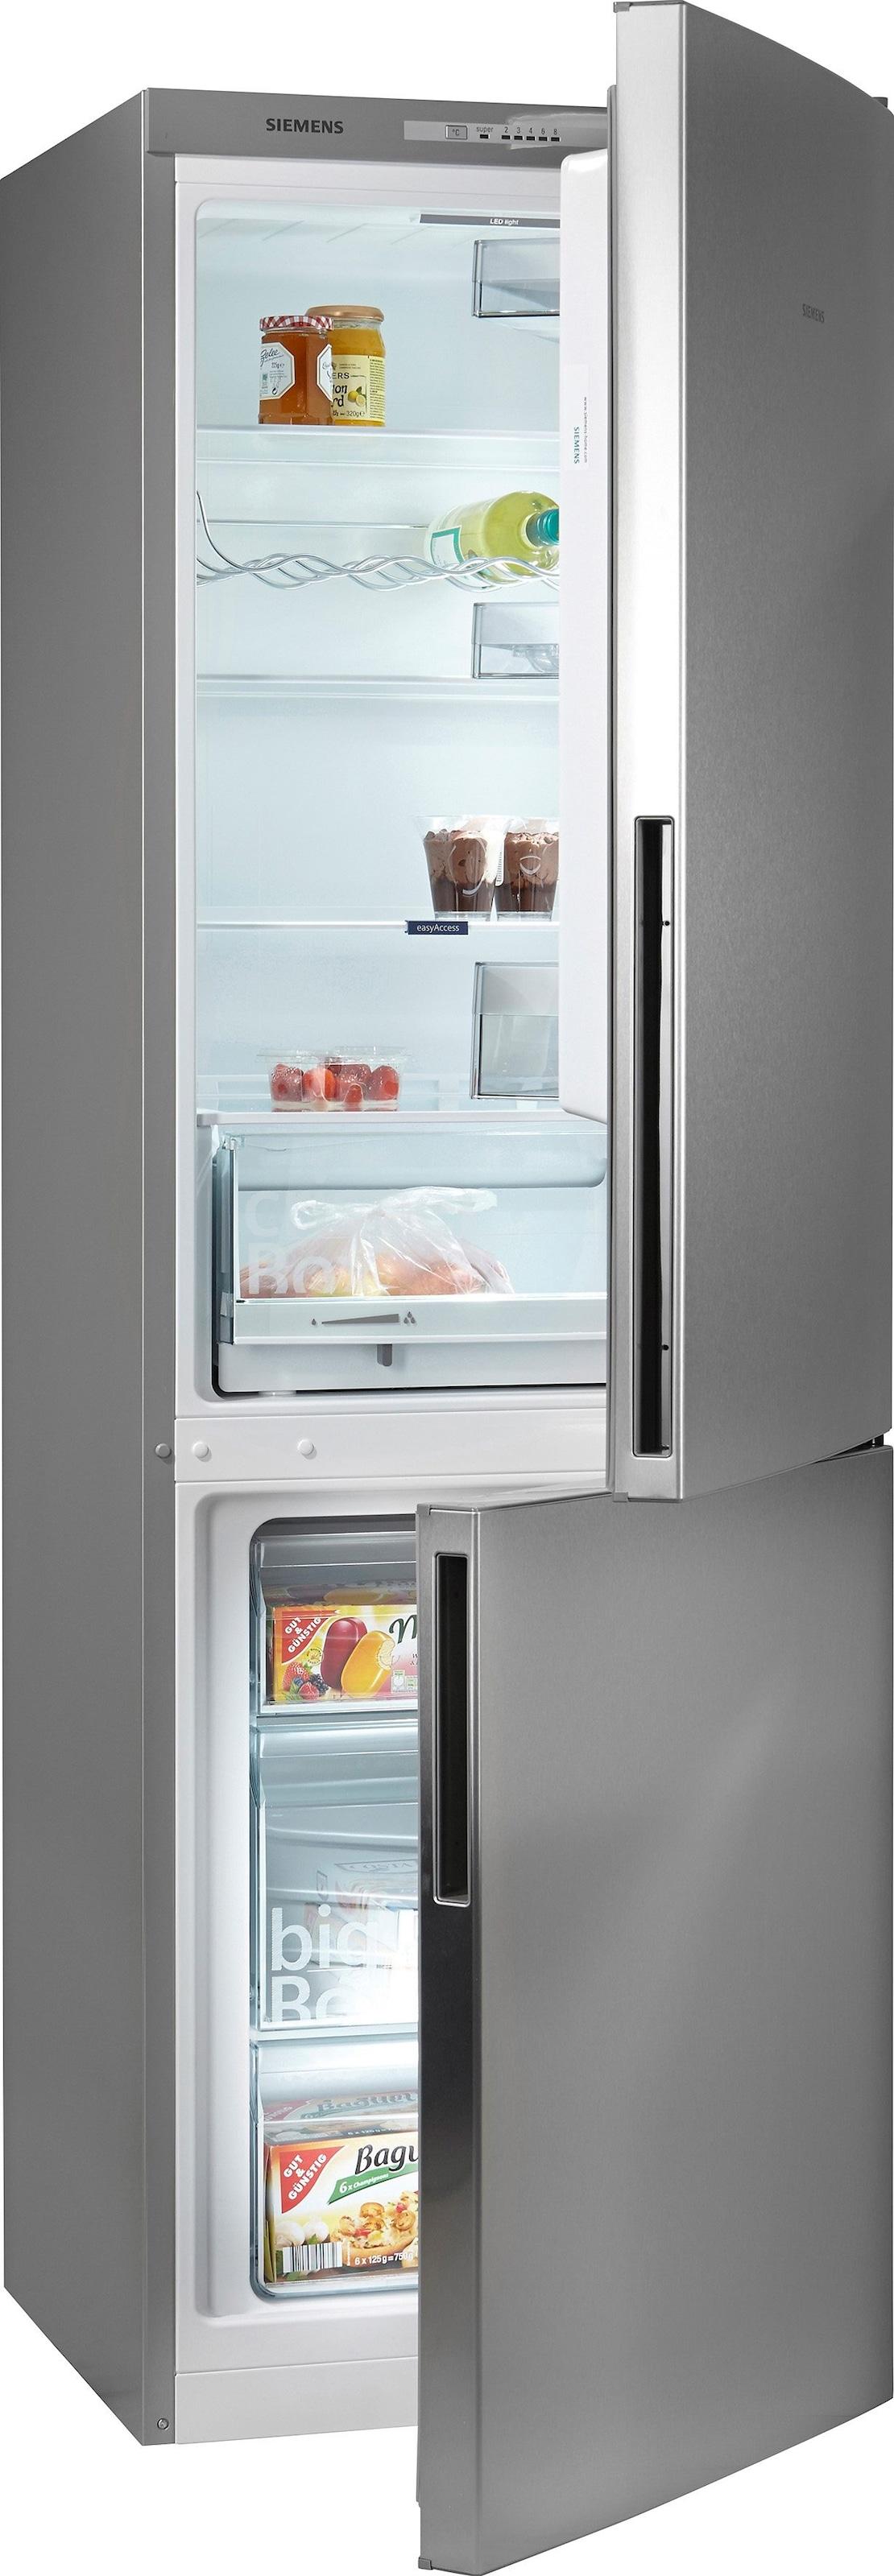 Siemens Kühlschrank Innenausstattung : Siemens kühlschrank onlineshop siemens kühlschrank kaufen baur